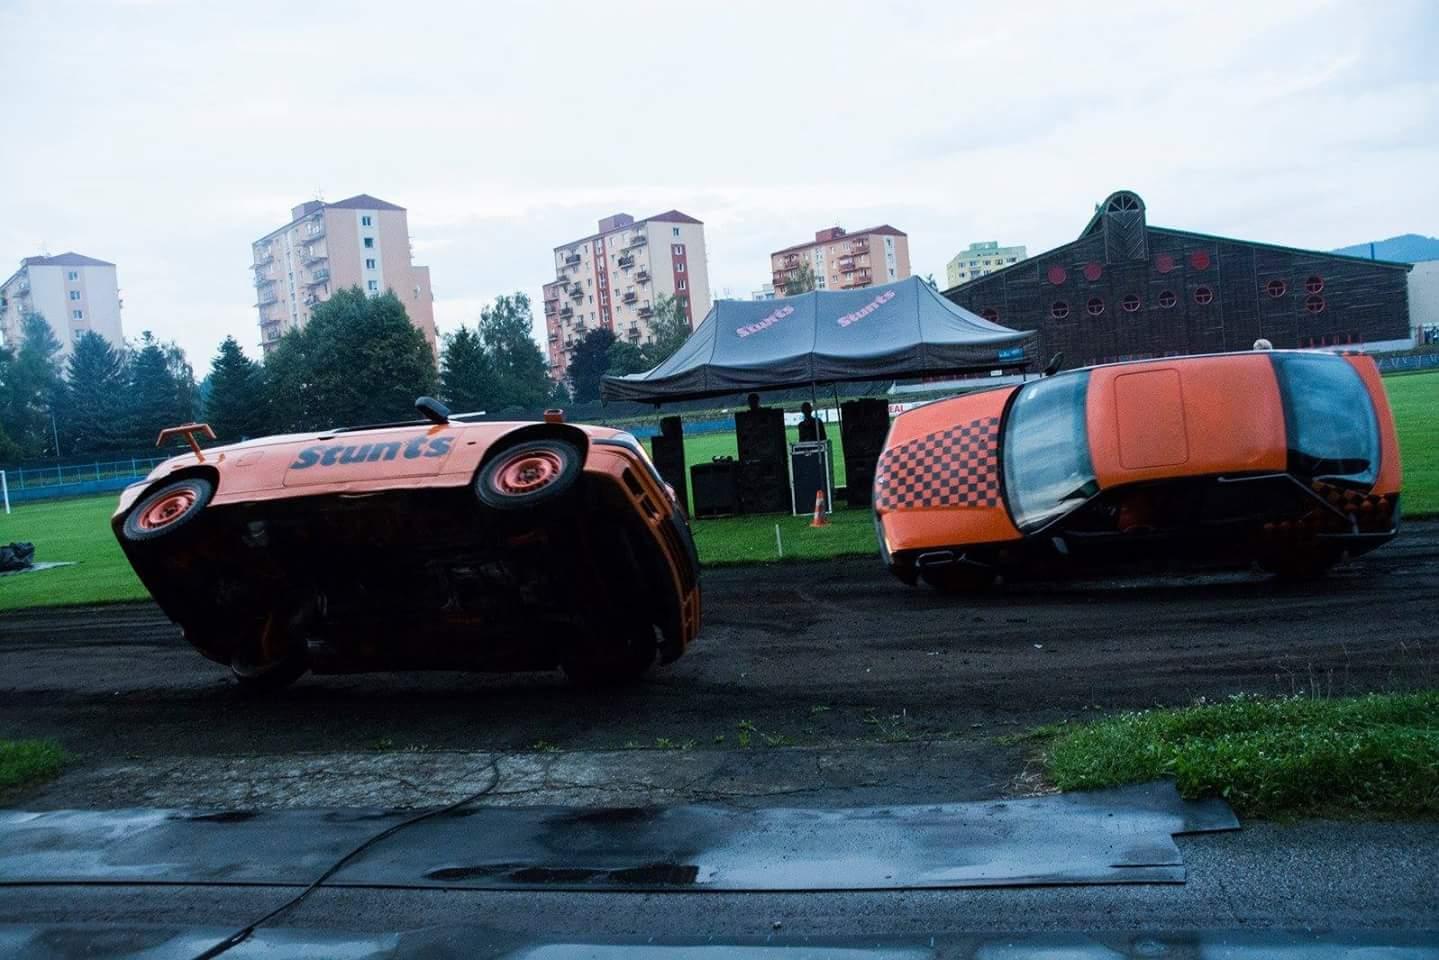 stunt-show-speedway-zyrardow-9